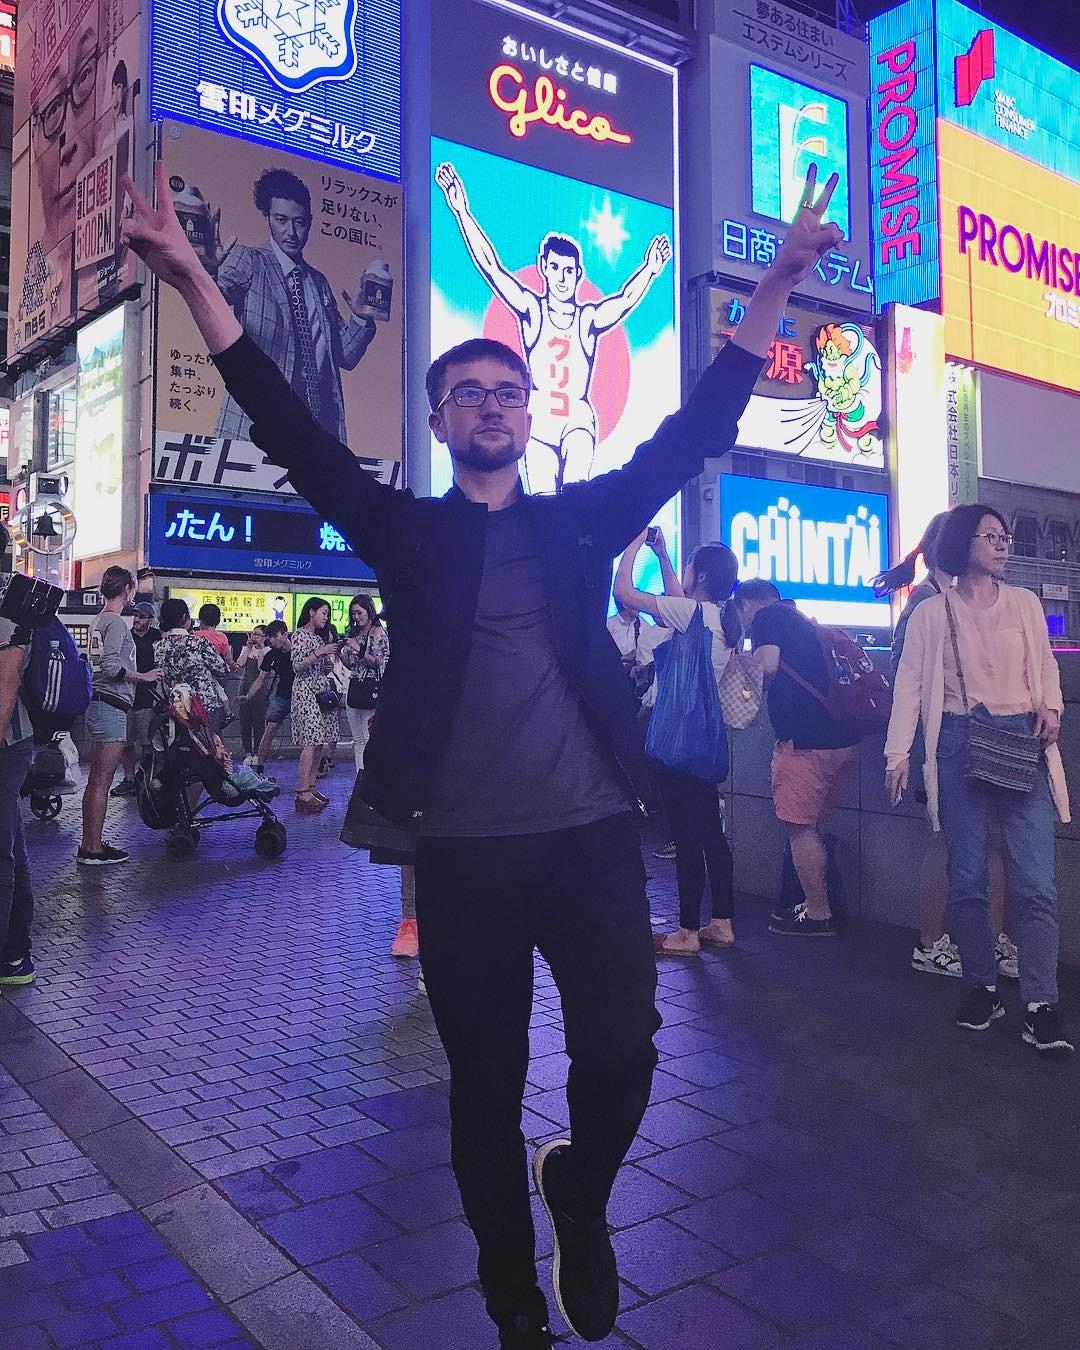 ミーシャ・ジー選手が来日し大阪に参上。ジュニア選手の振り付けを行ったみたいだ